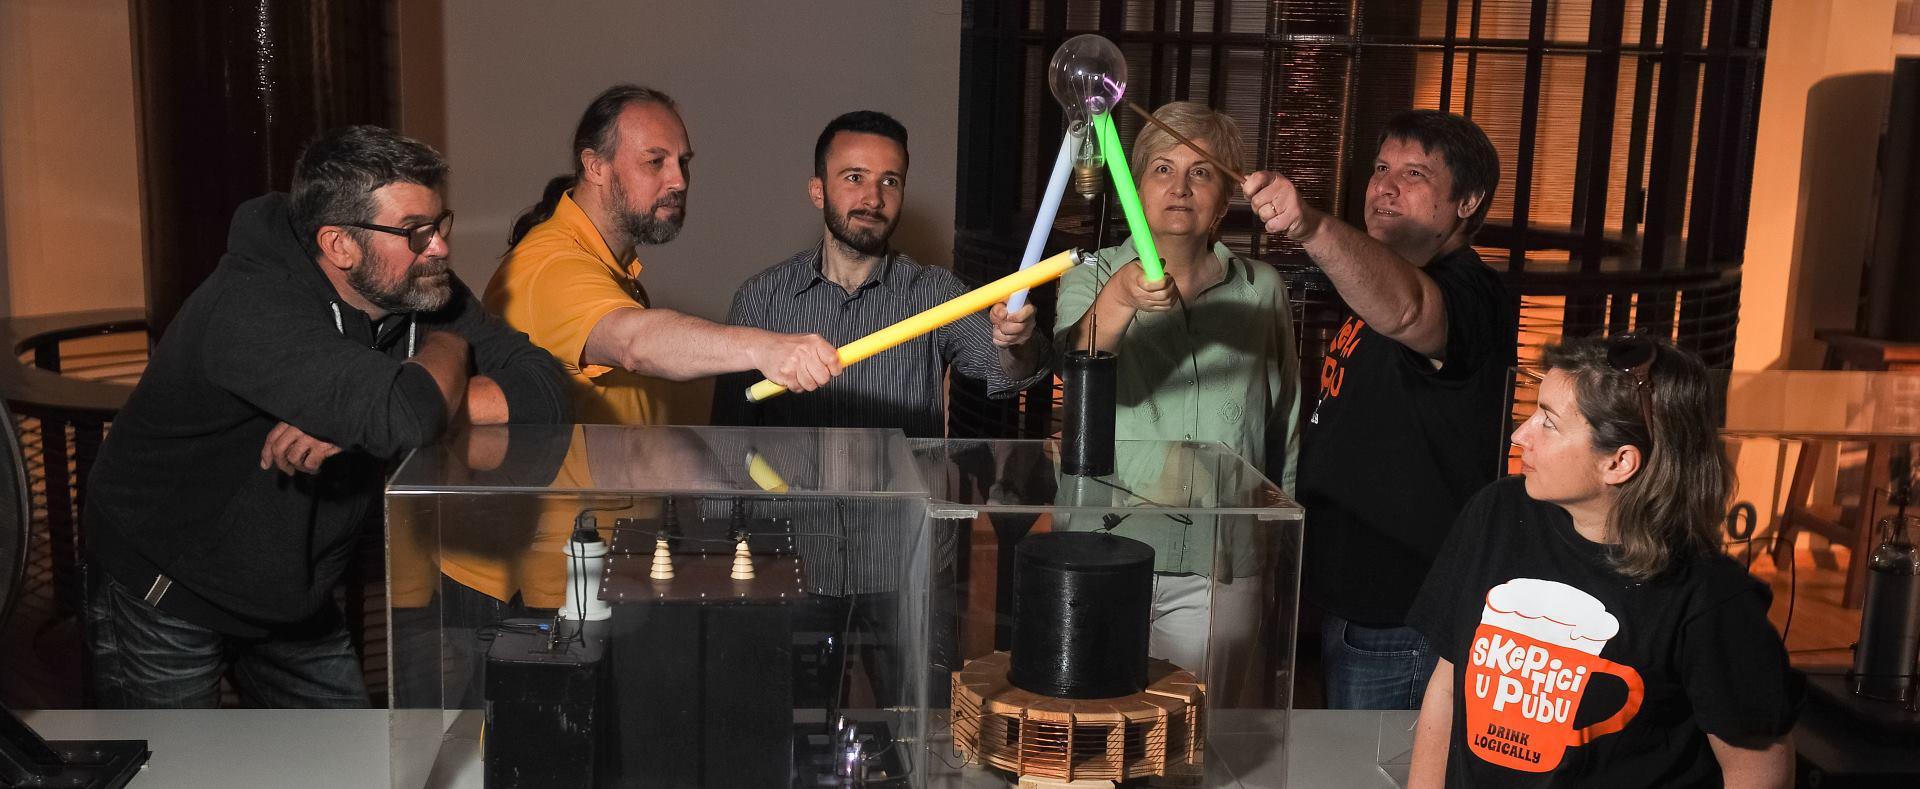 DOSSIER Teorija velikog praska – pubovi postaju nove oaze testova znanja